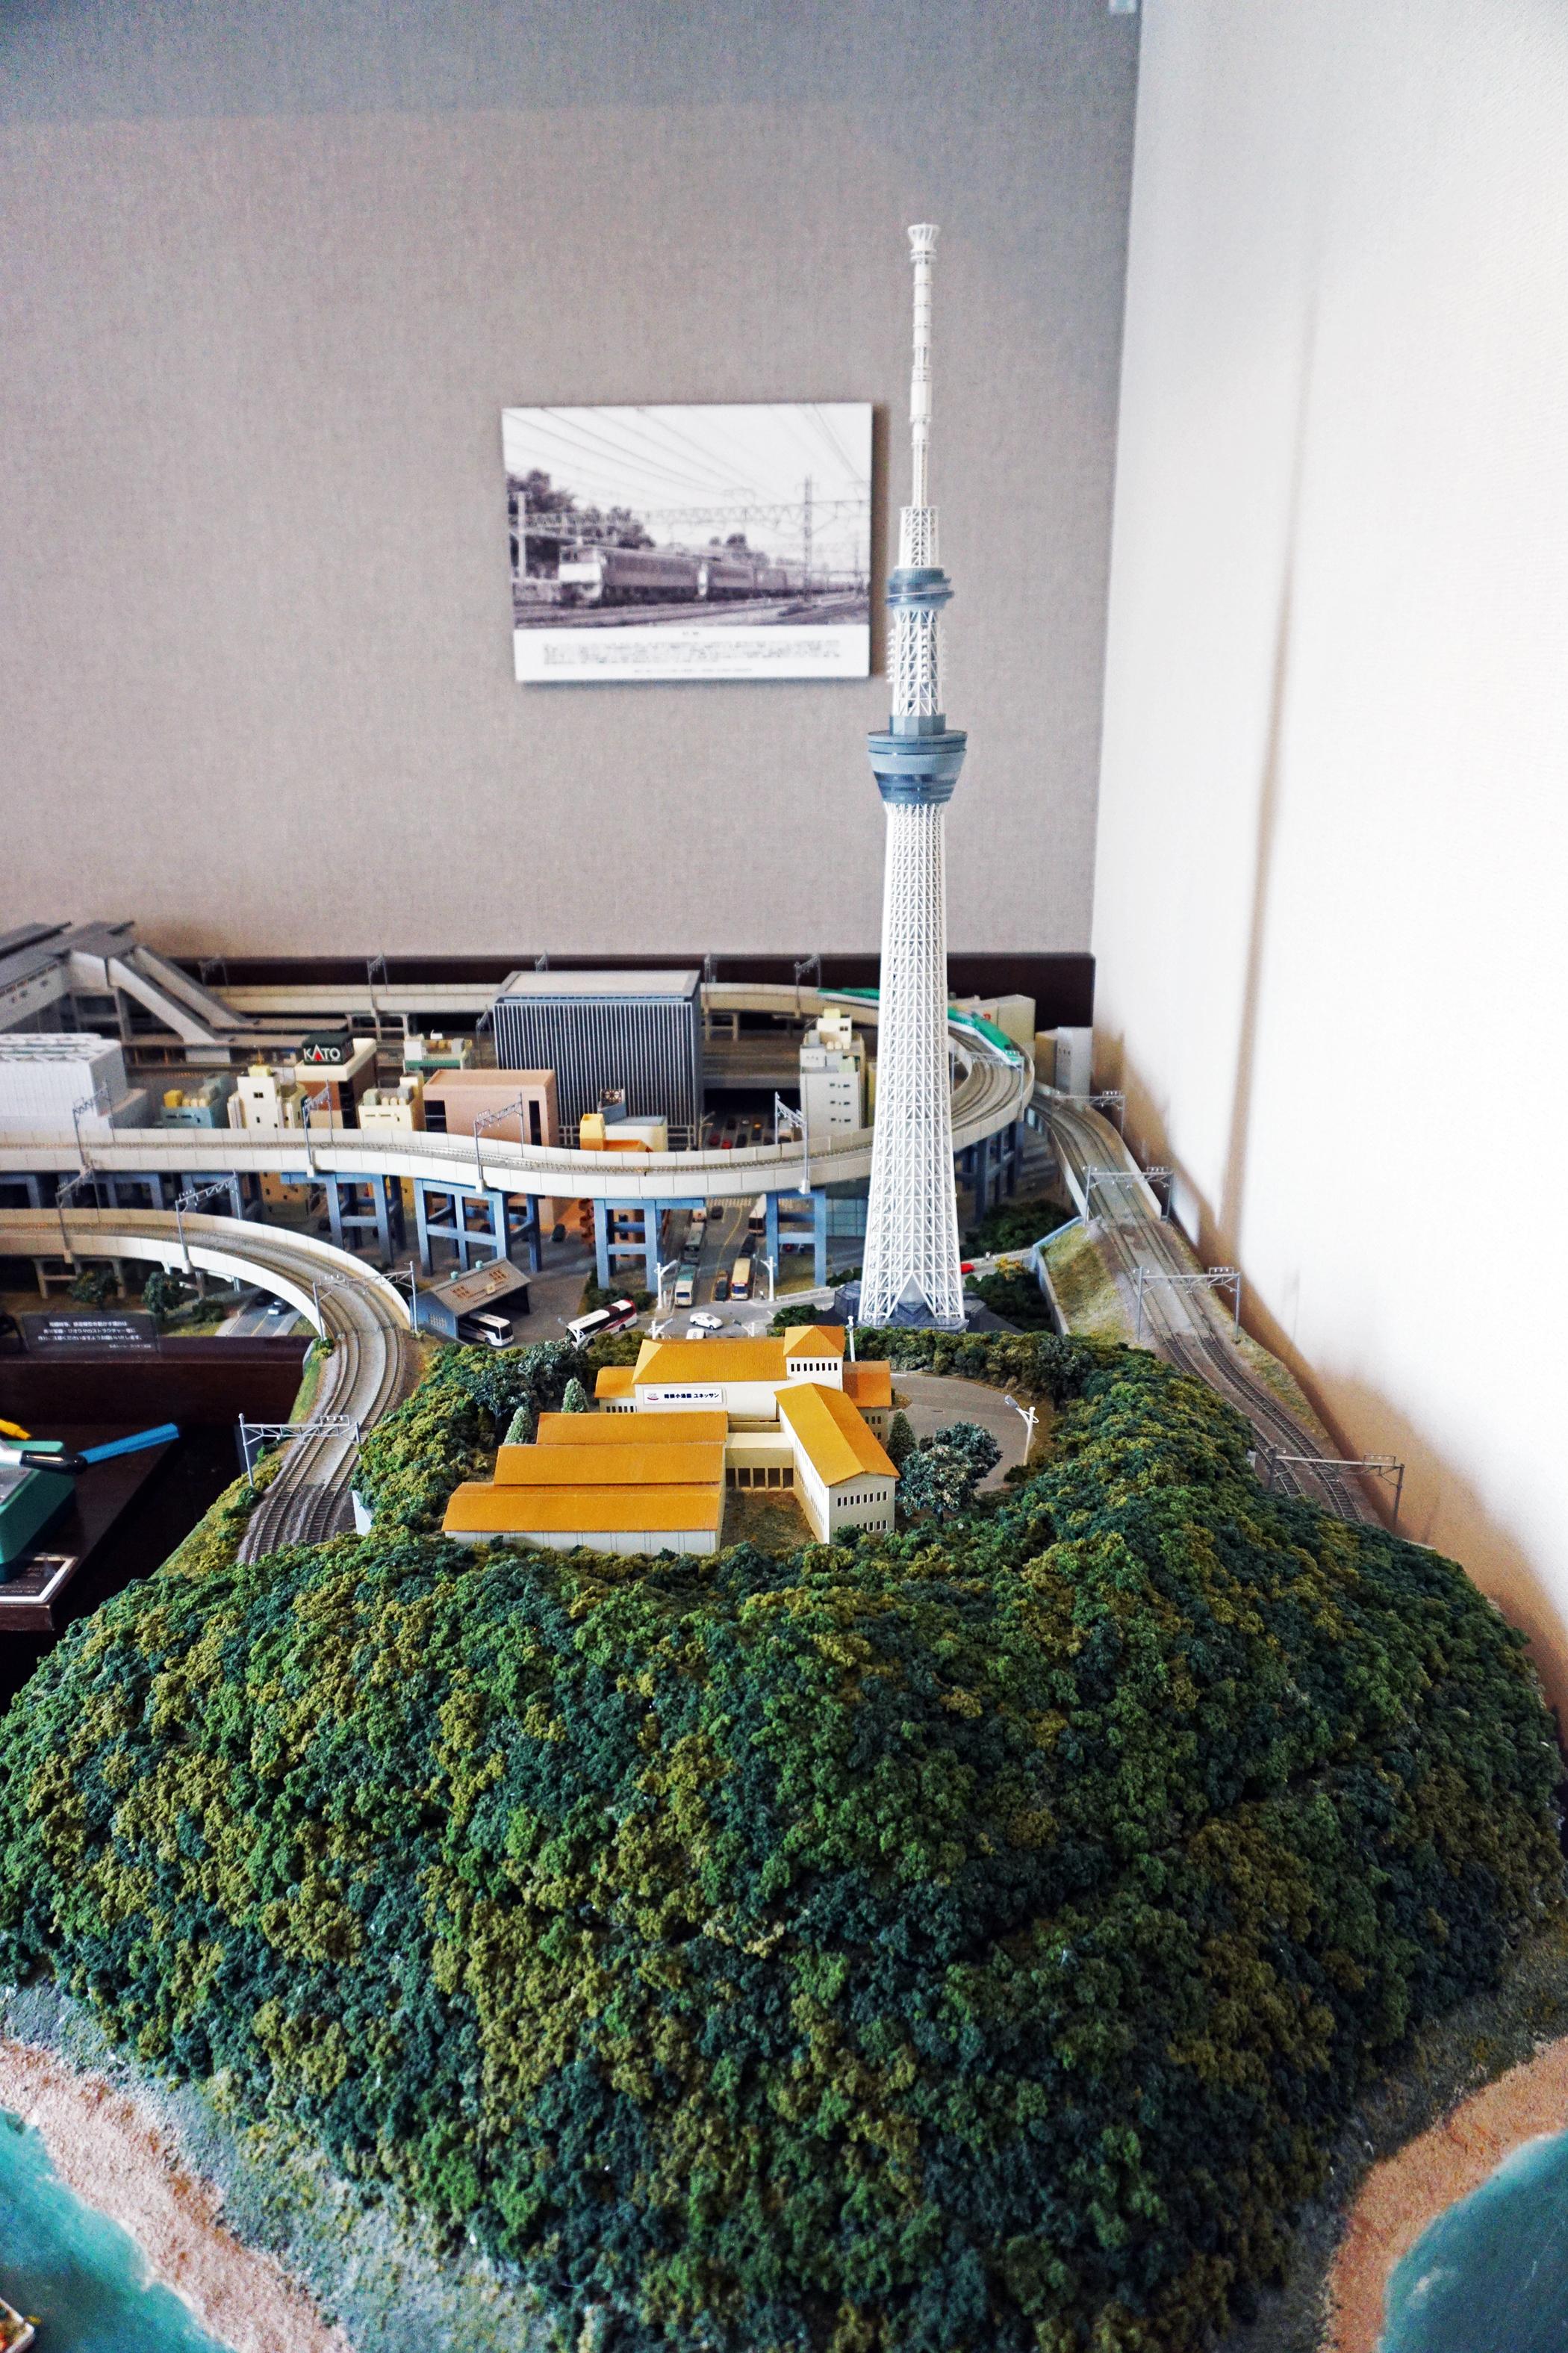 Akihabara Washington Hotel - Train Room Model .JPG